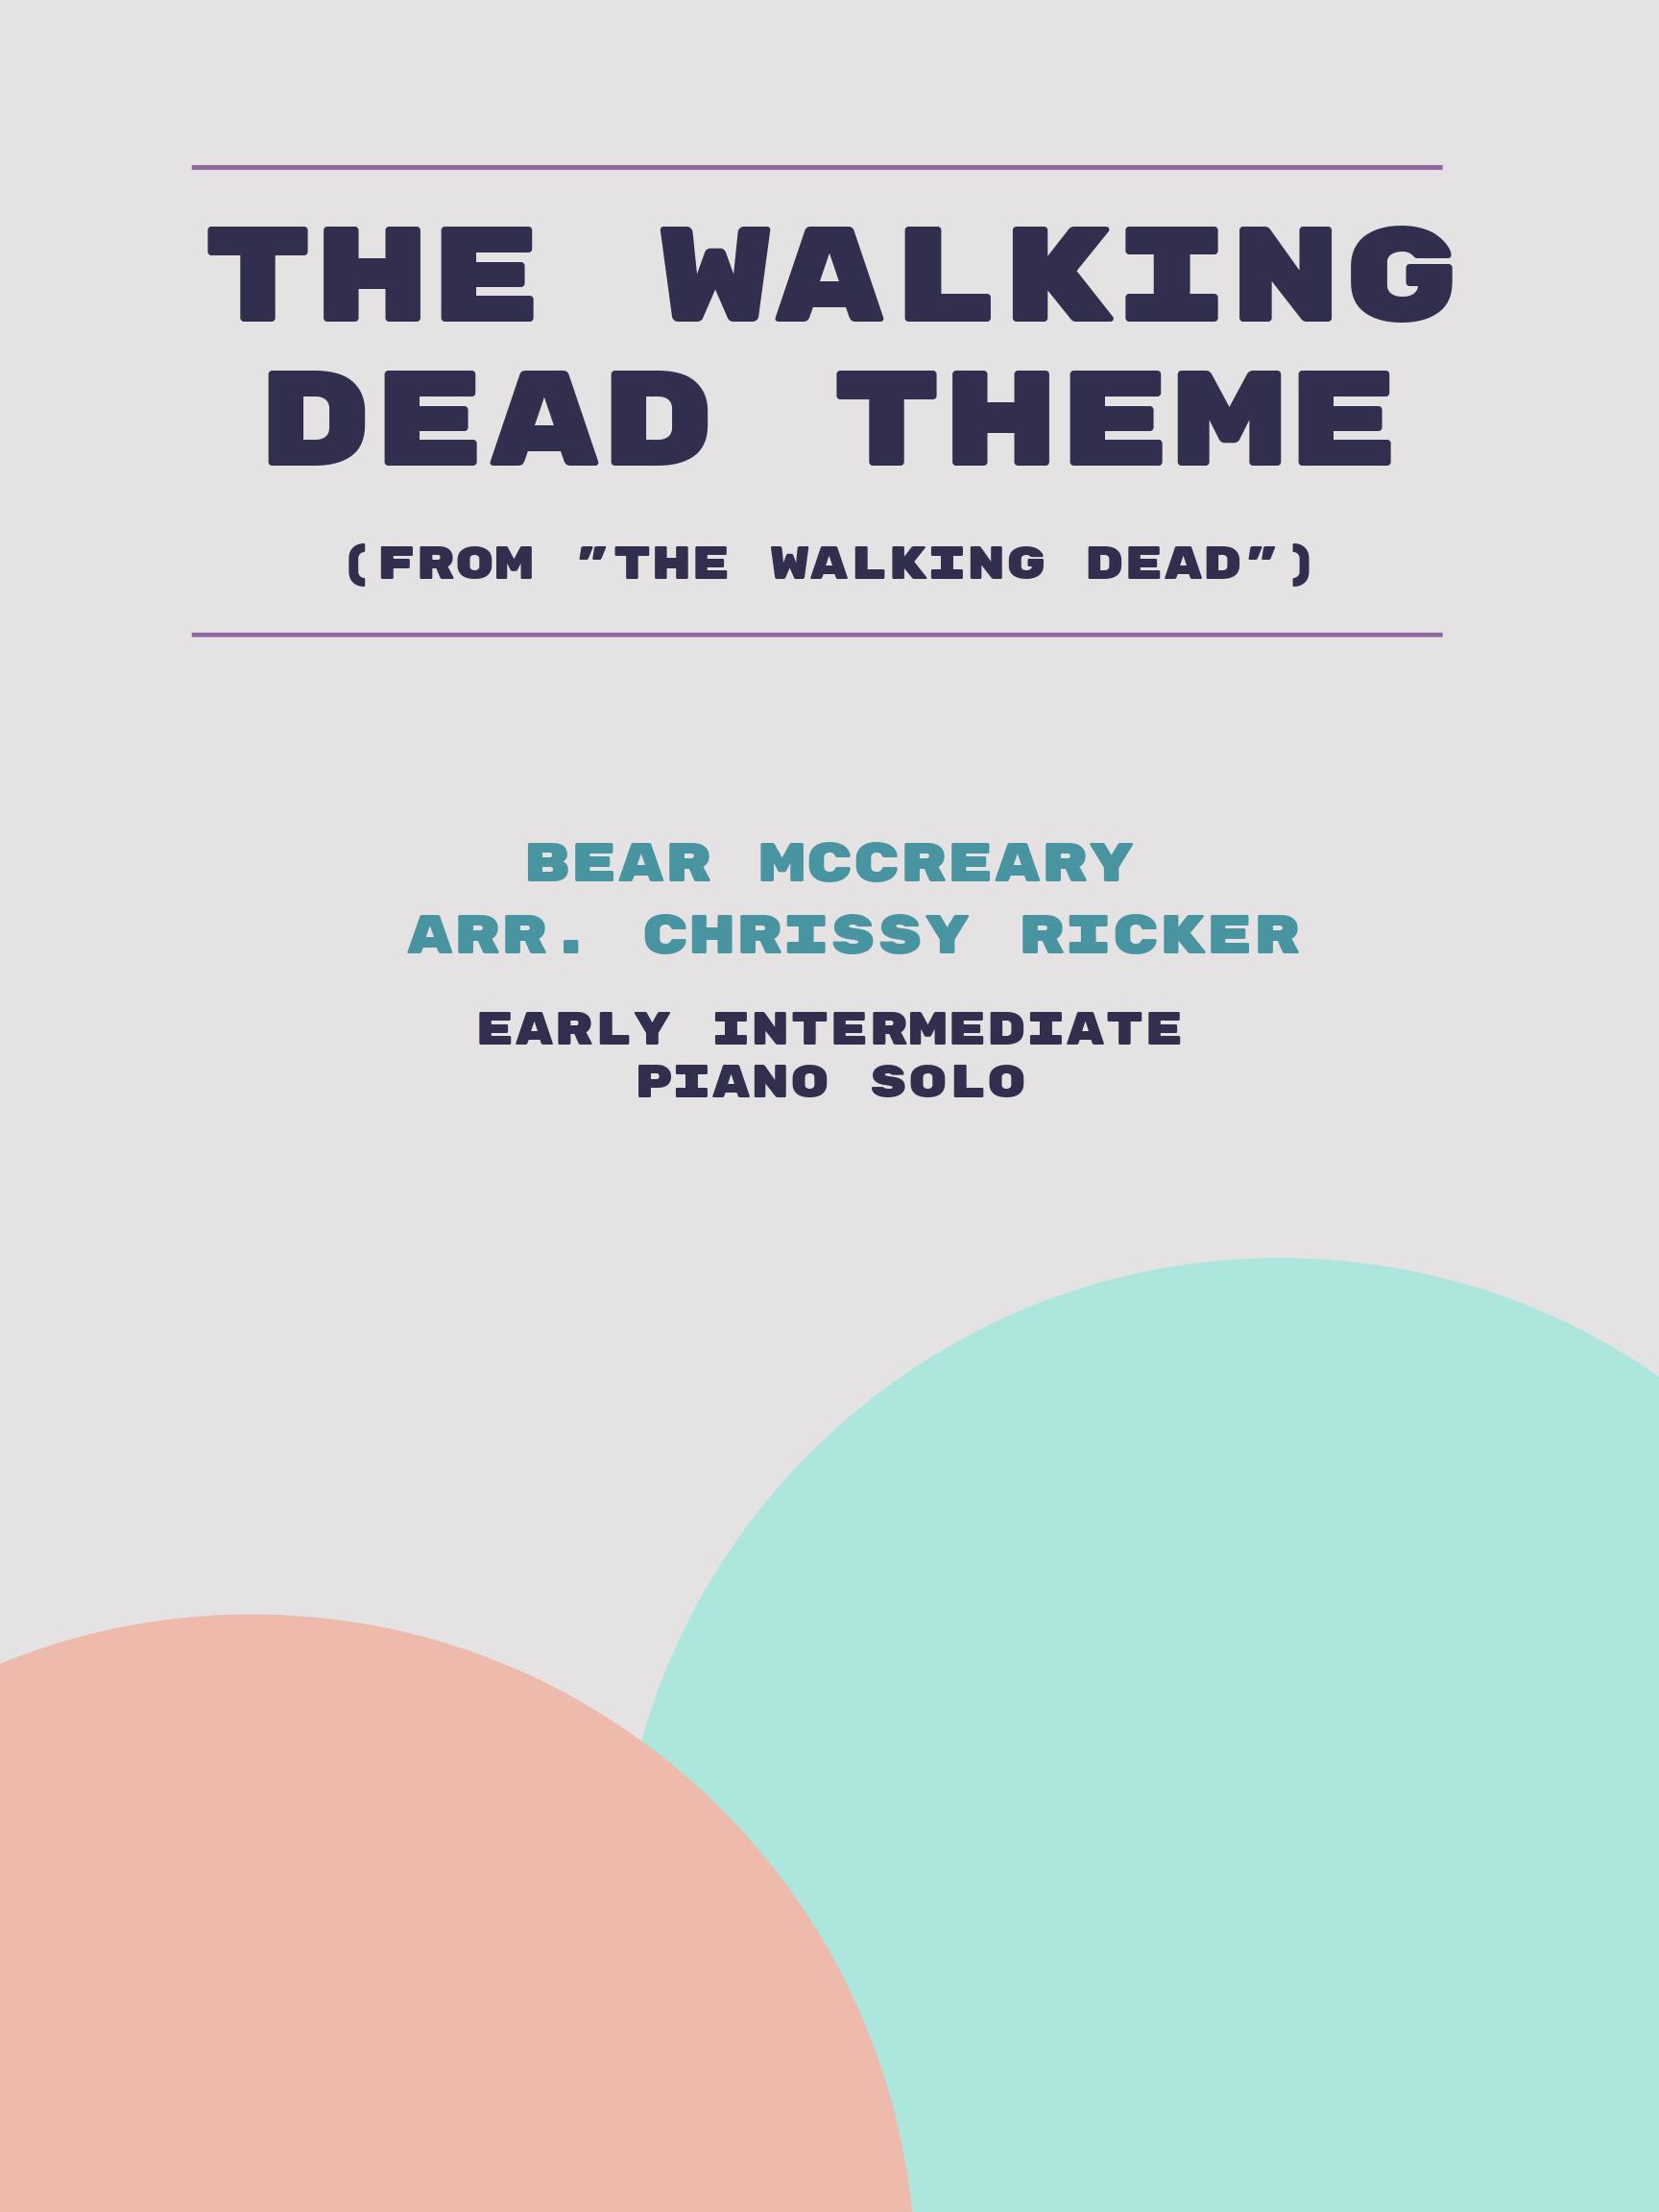 The Walking Dead Theme by Bear McCreary